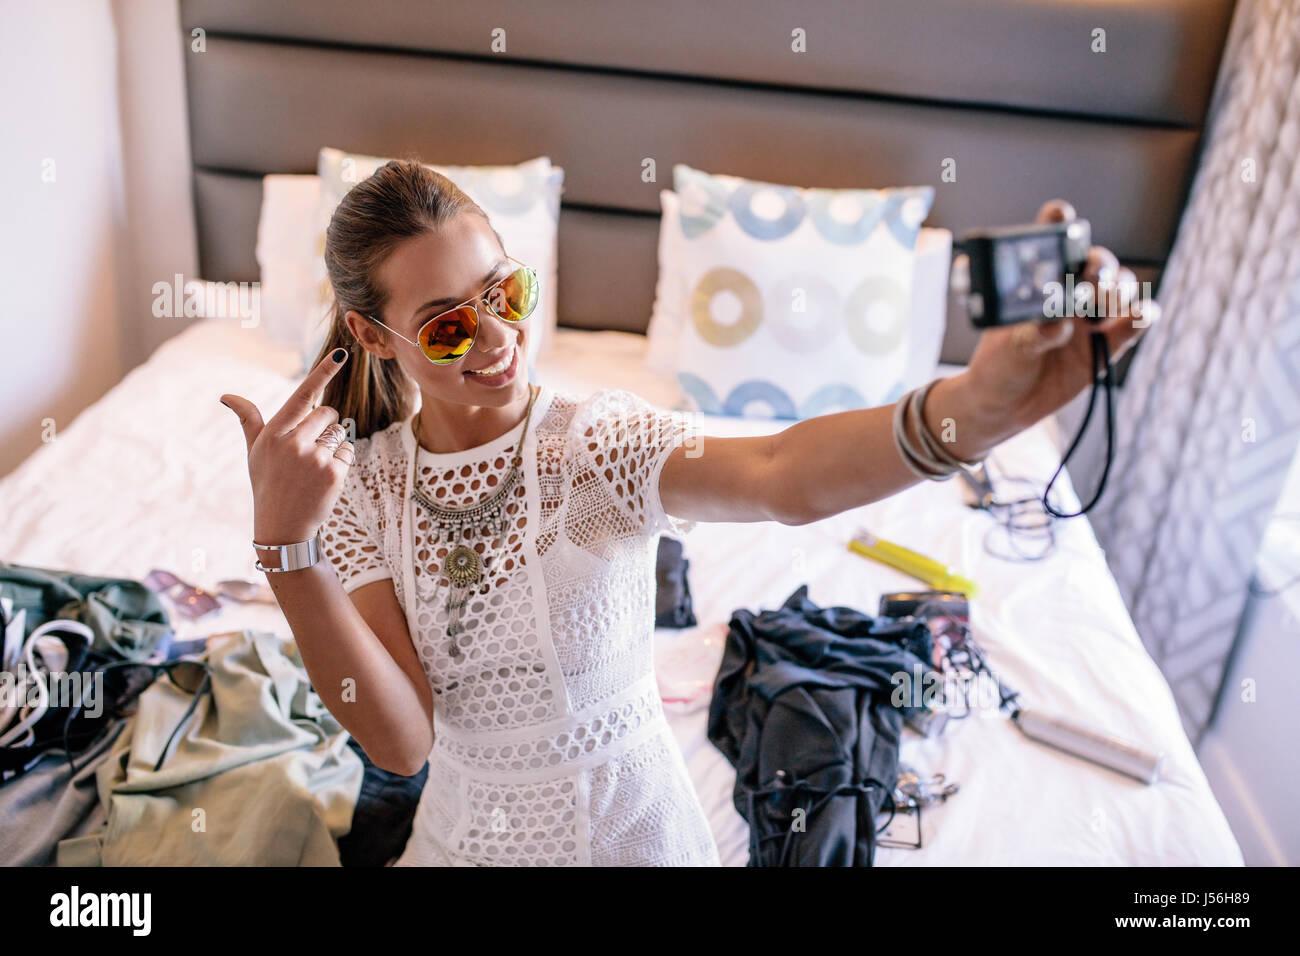 Femmina registrazione vlogger broadcast con fotocamera digitale. Donna prendendo un selfie visualizzando video moda Immagini Stock